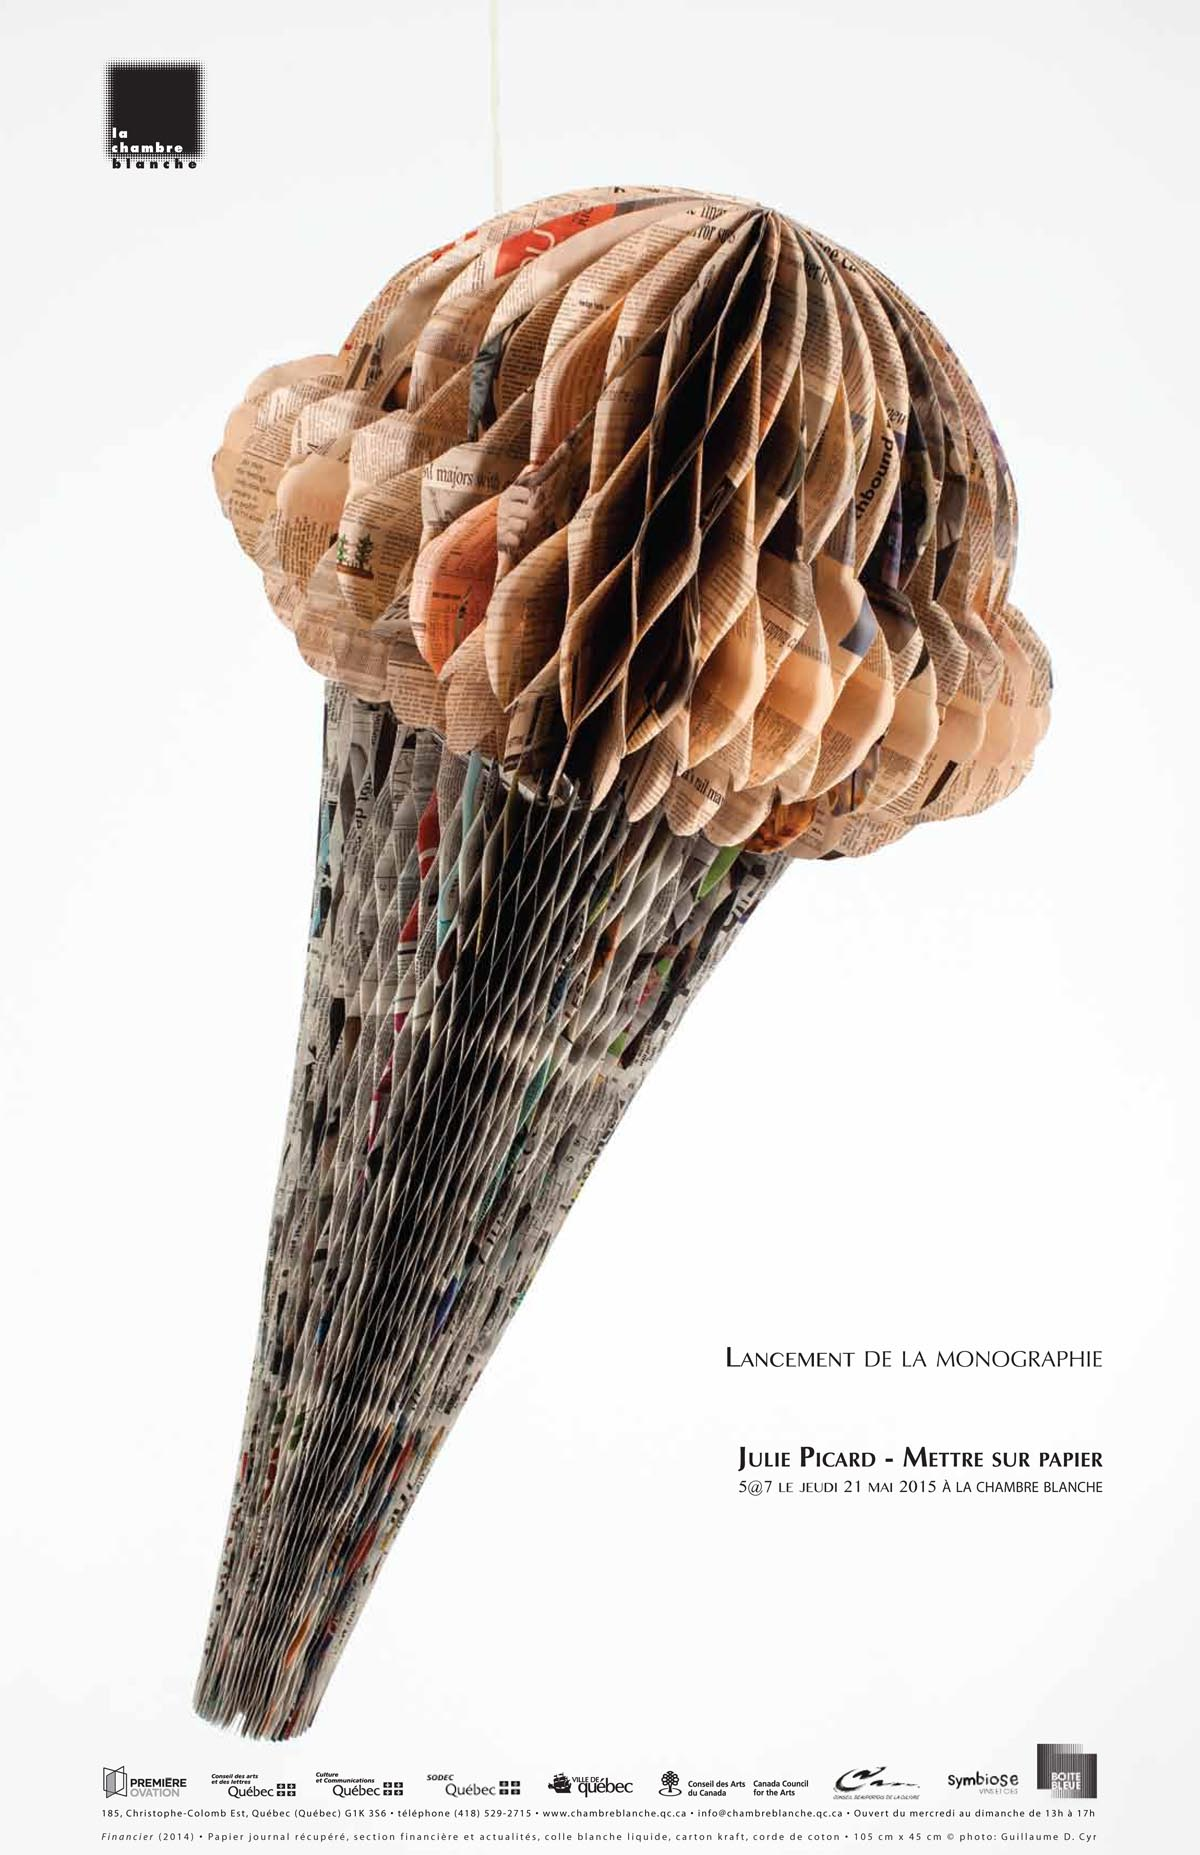 julie picard mettre sur papier club des collectionneurs en arts visuels de qu bec. Black Bedroom Furniture Sets. Home Design Ideas